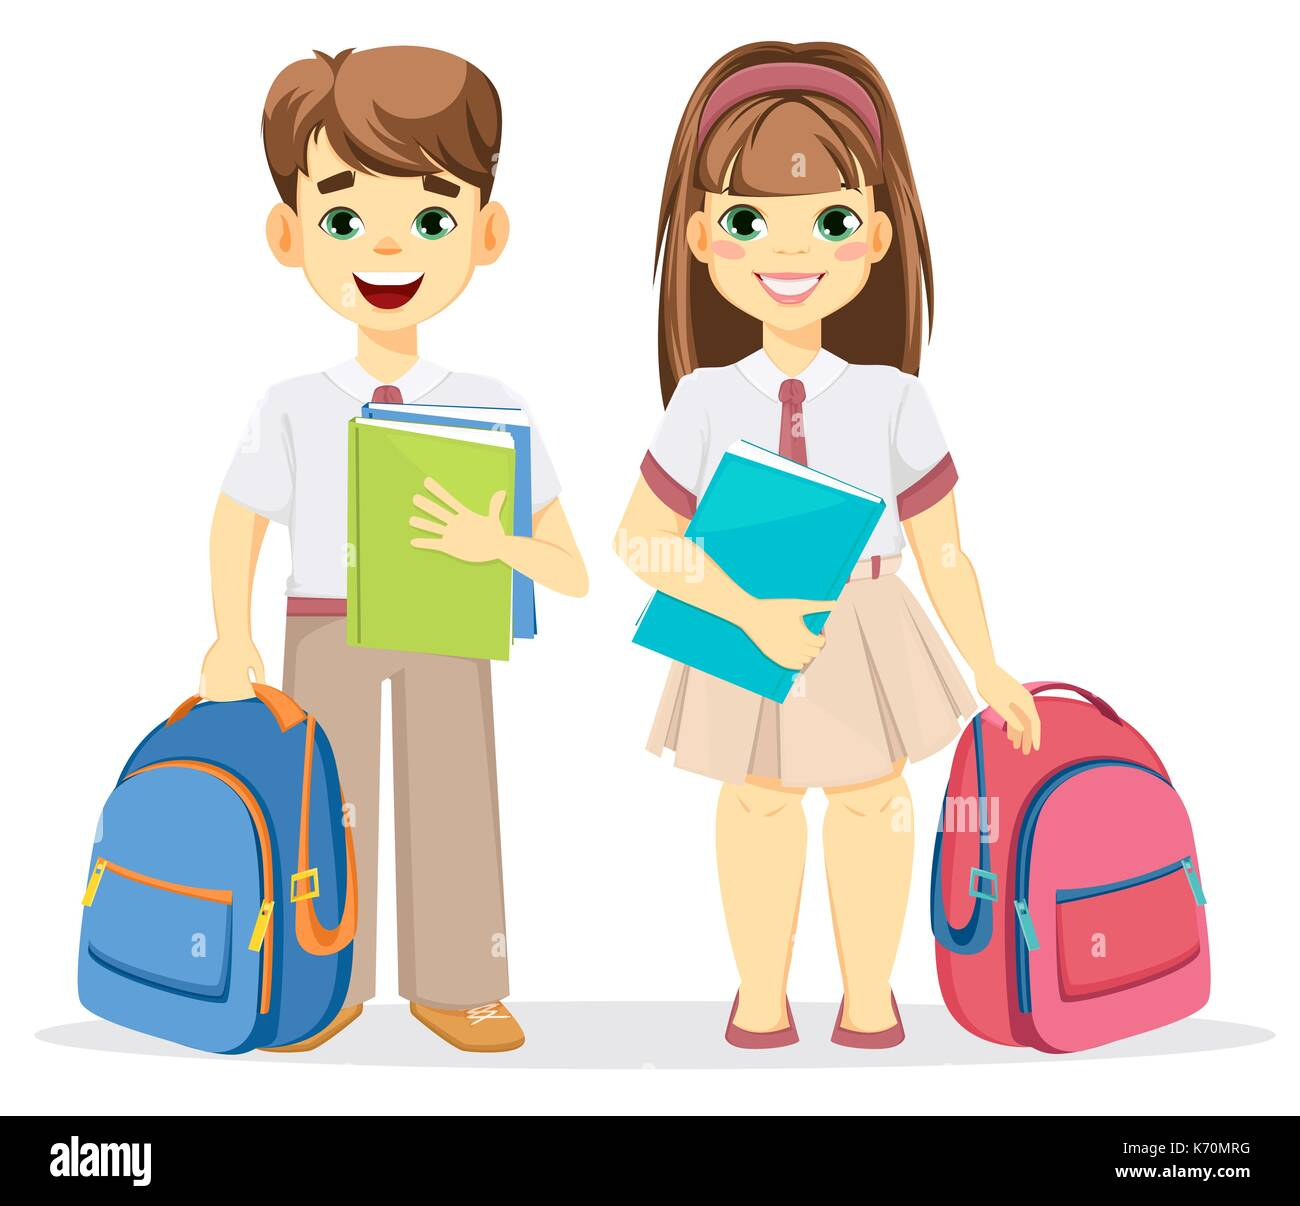 Sch ler und sch lerin mit rucksack und lehrb cher zur ck for Nett babyzimmer madchen und junge